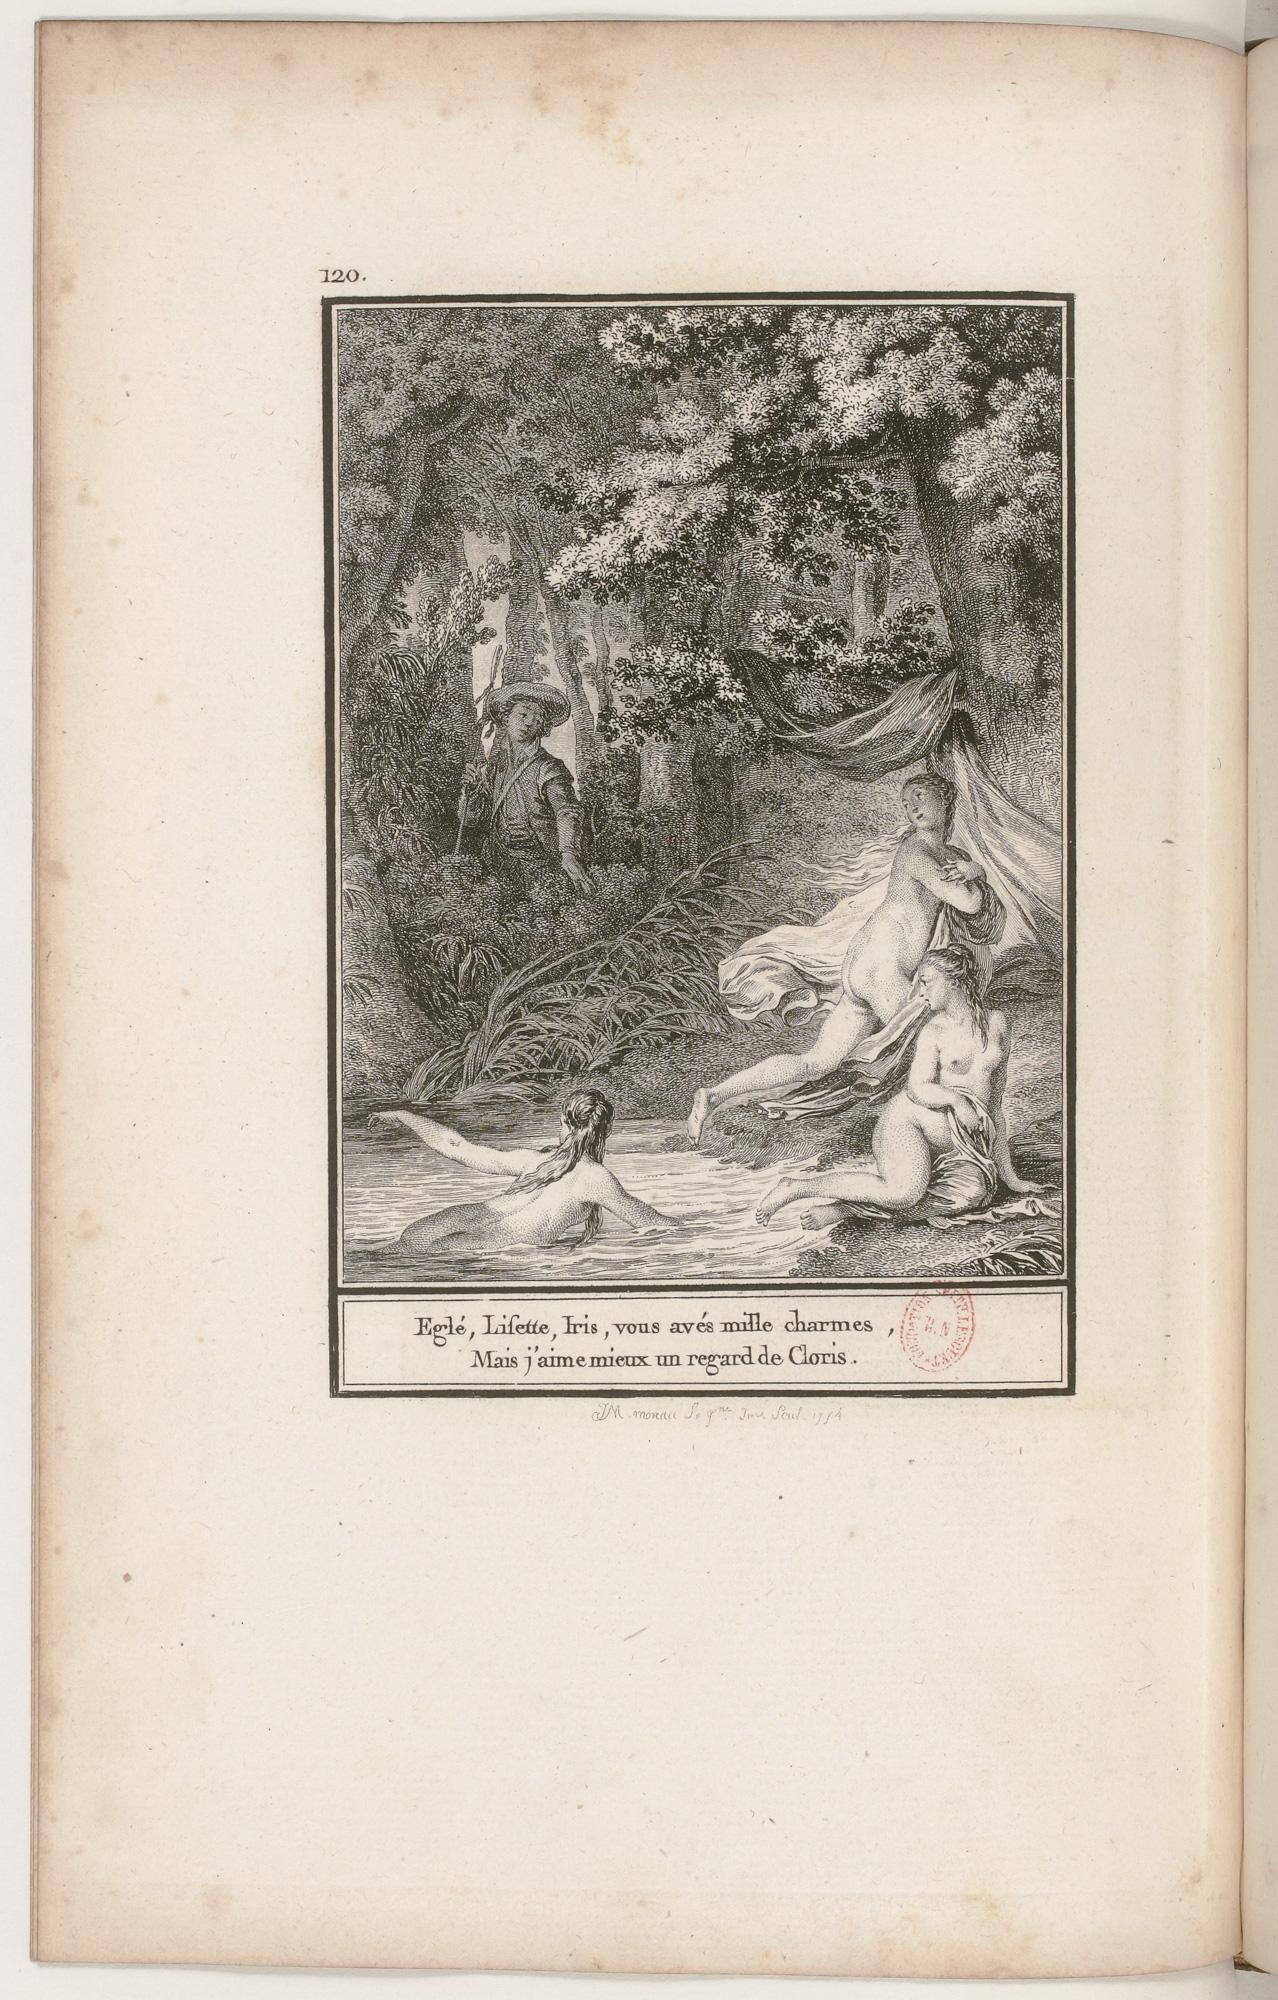 S.1.20 Le berger fidéle,1772, Image